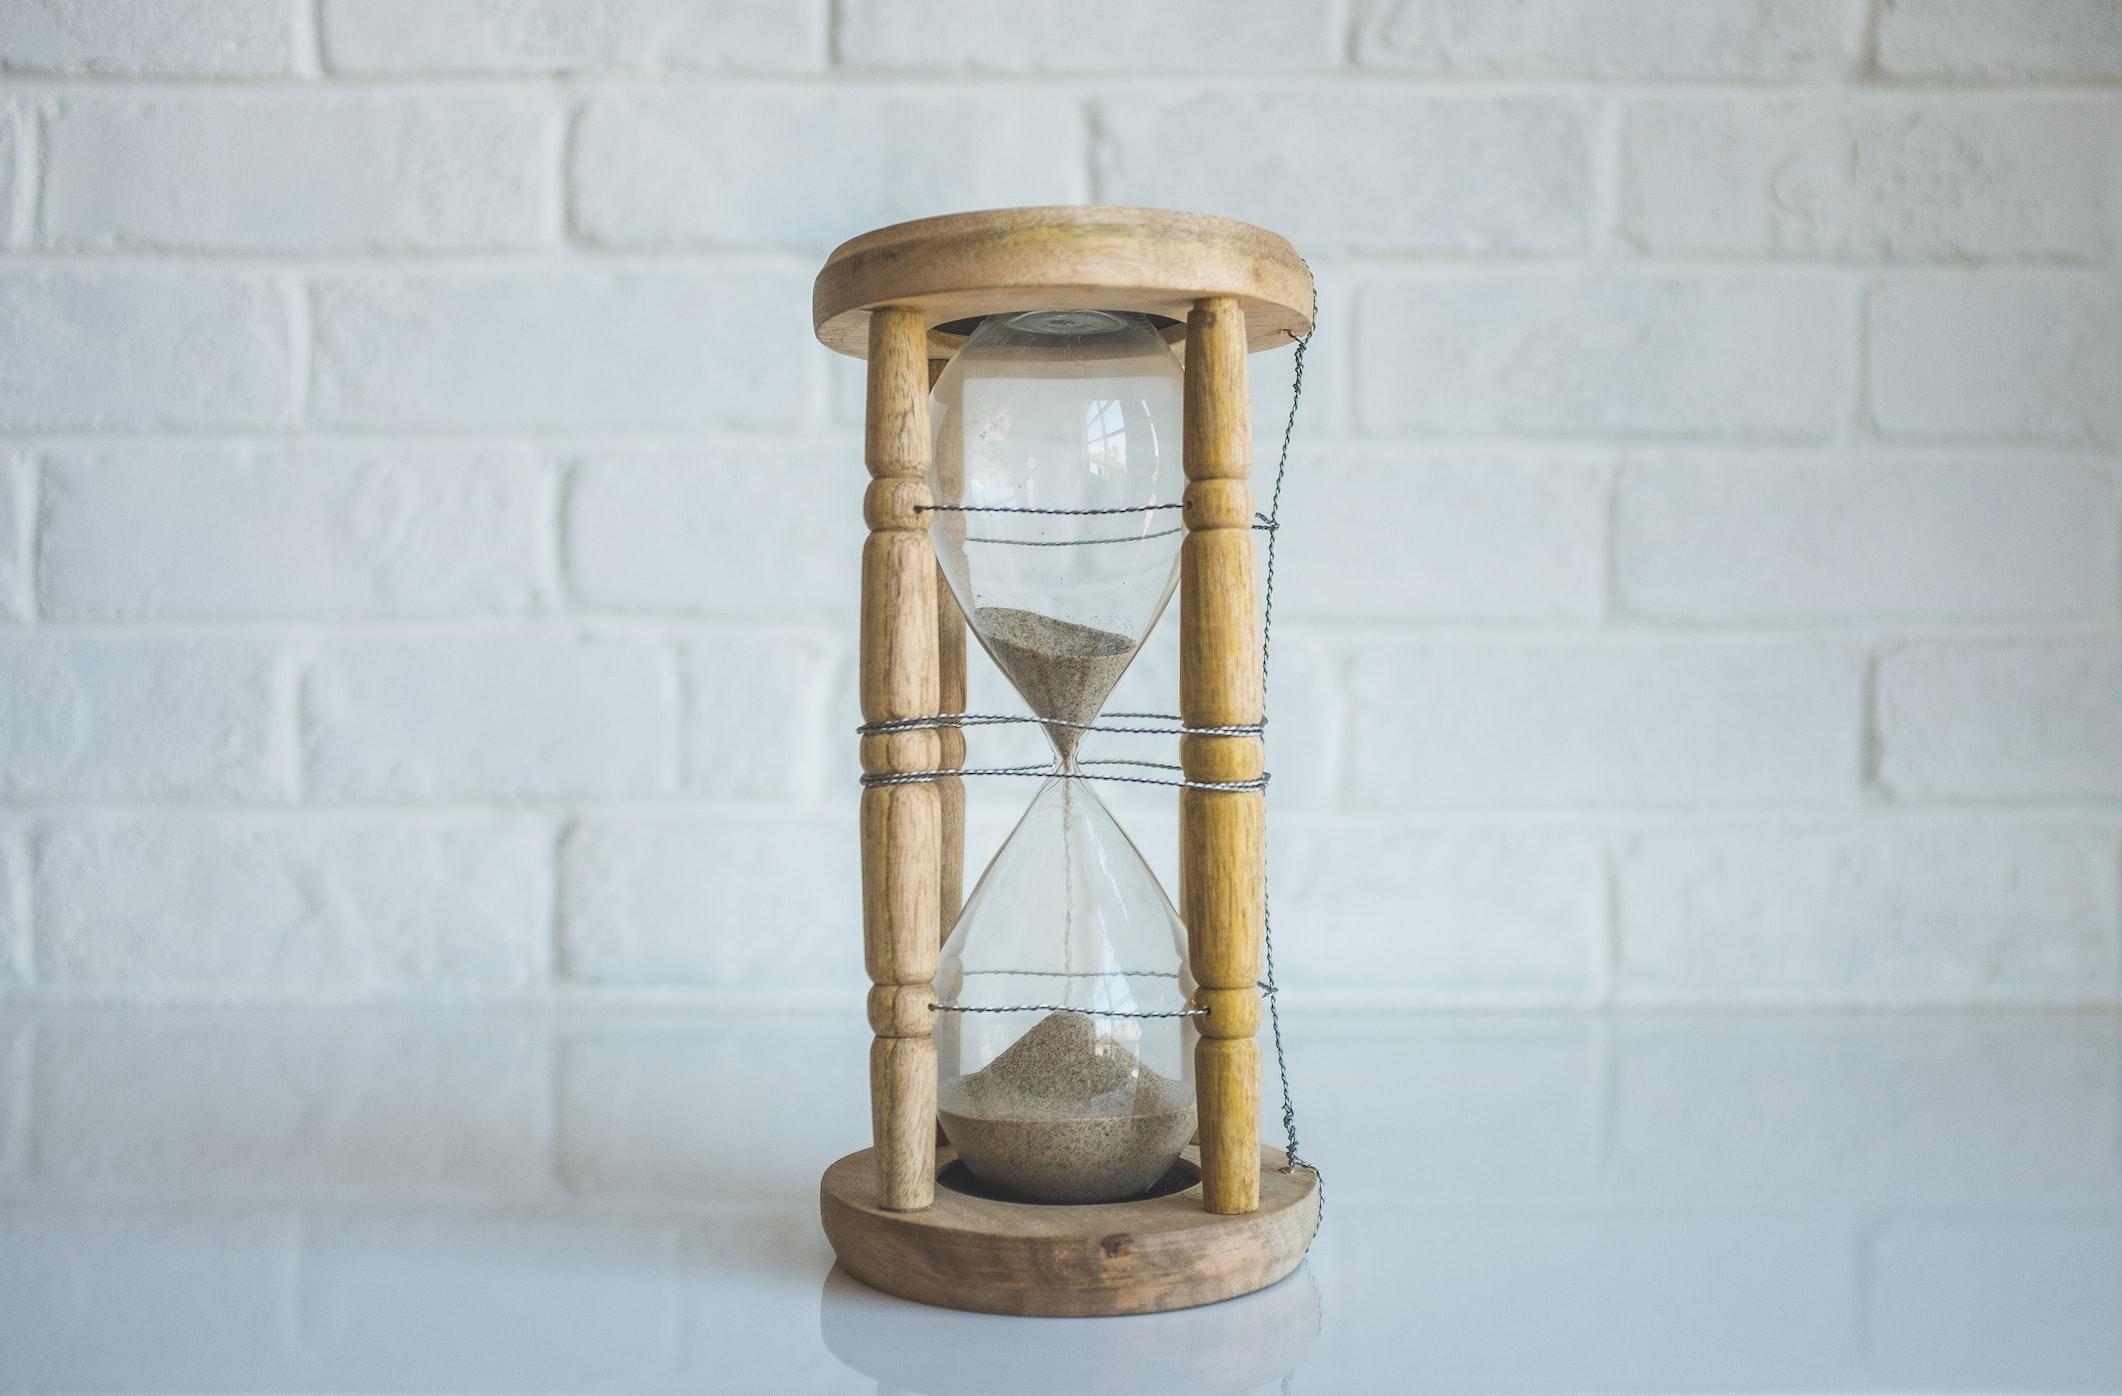 英単語を簡単に覚えるコツ「ひとつの英単語に時間をかけすぎない」